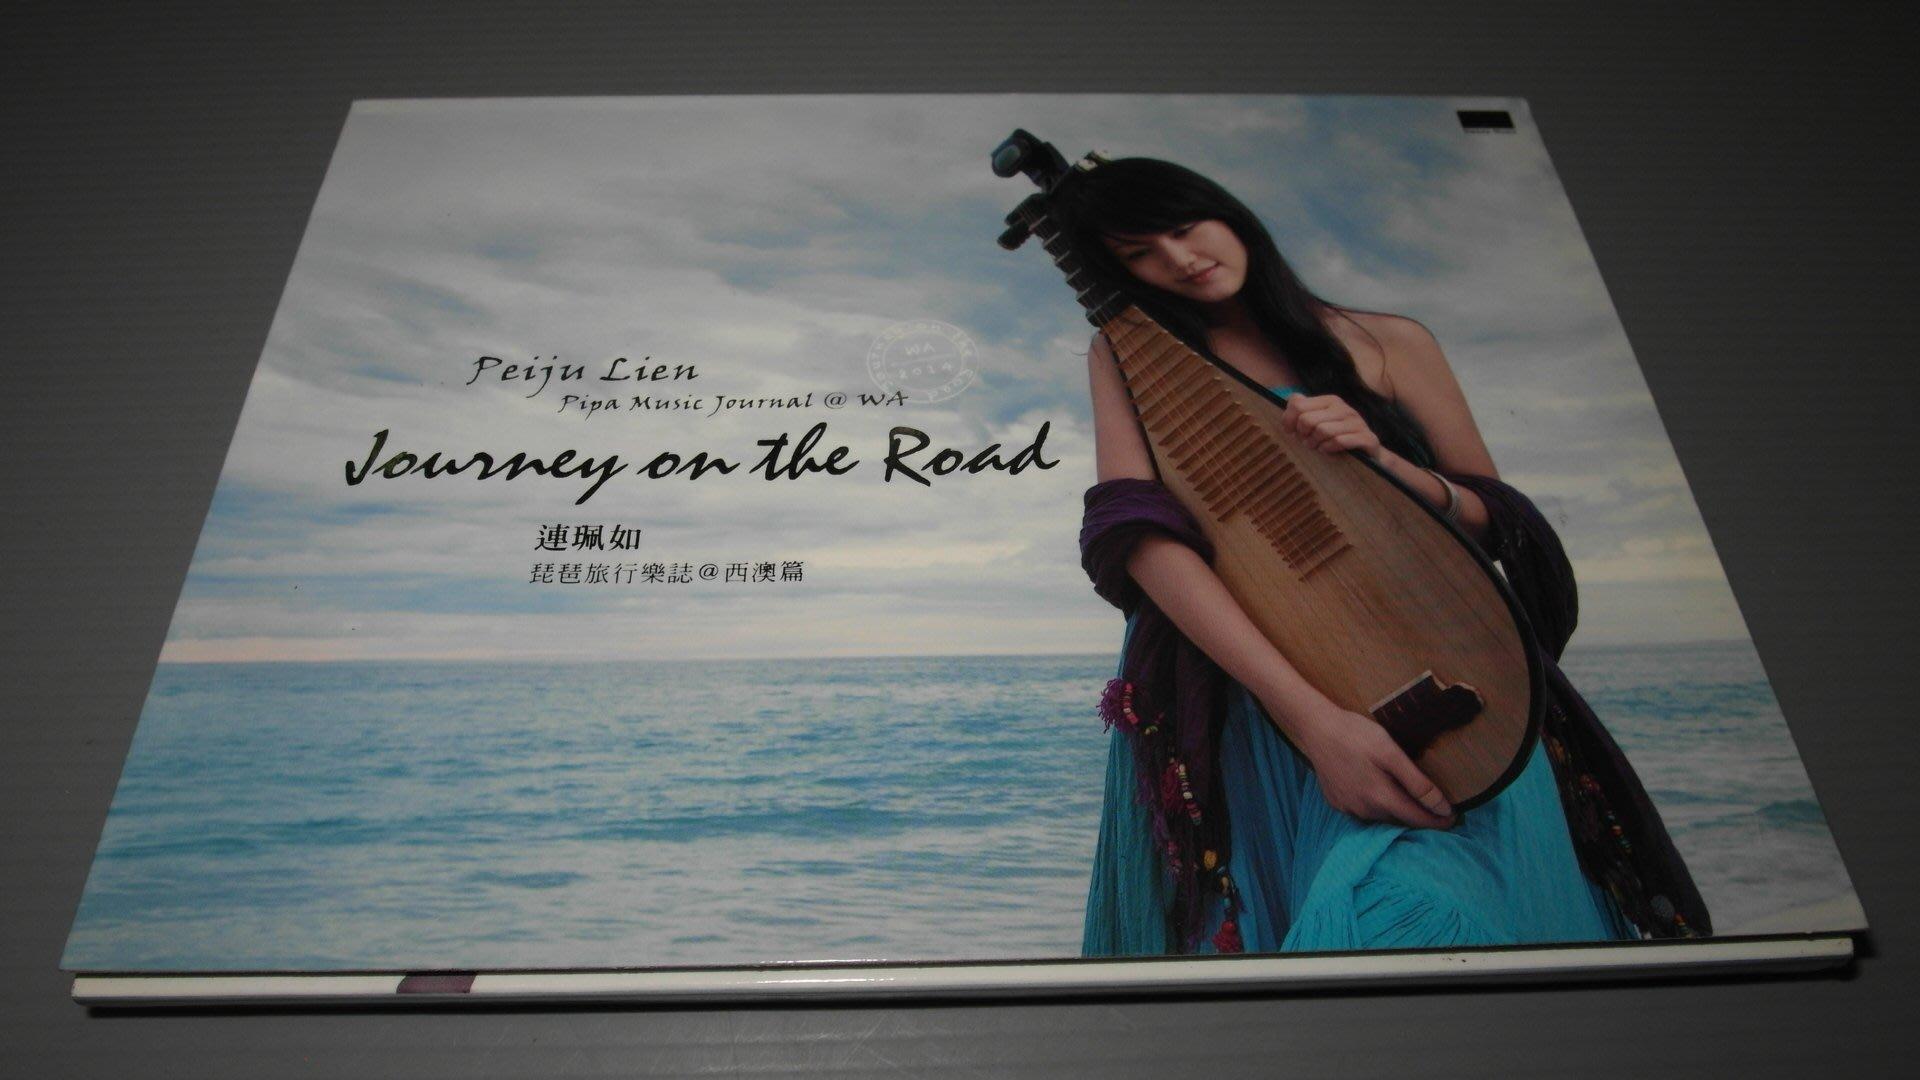 連珮如 琵琶演奏 琵琶旅行樂誌@西澳篇 片美 保存良好 出貨前會檢查和播放